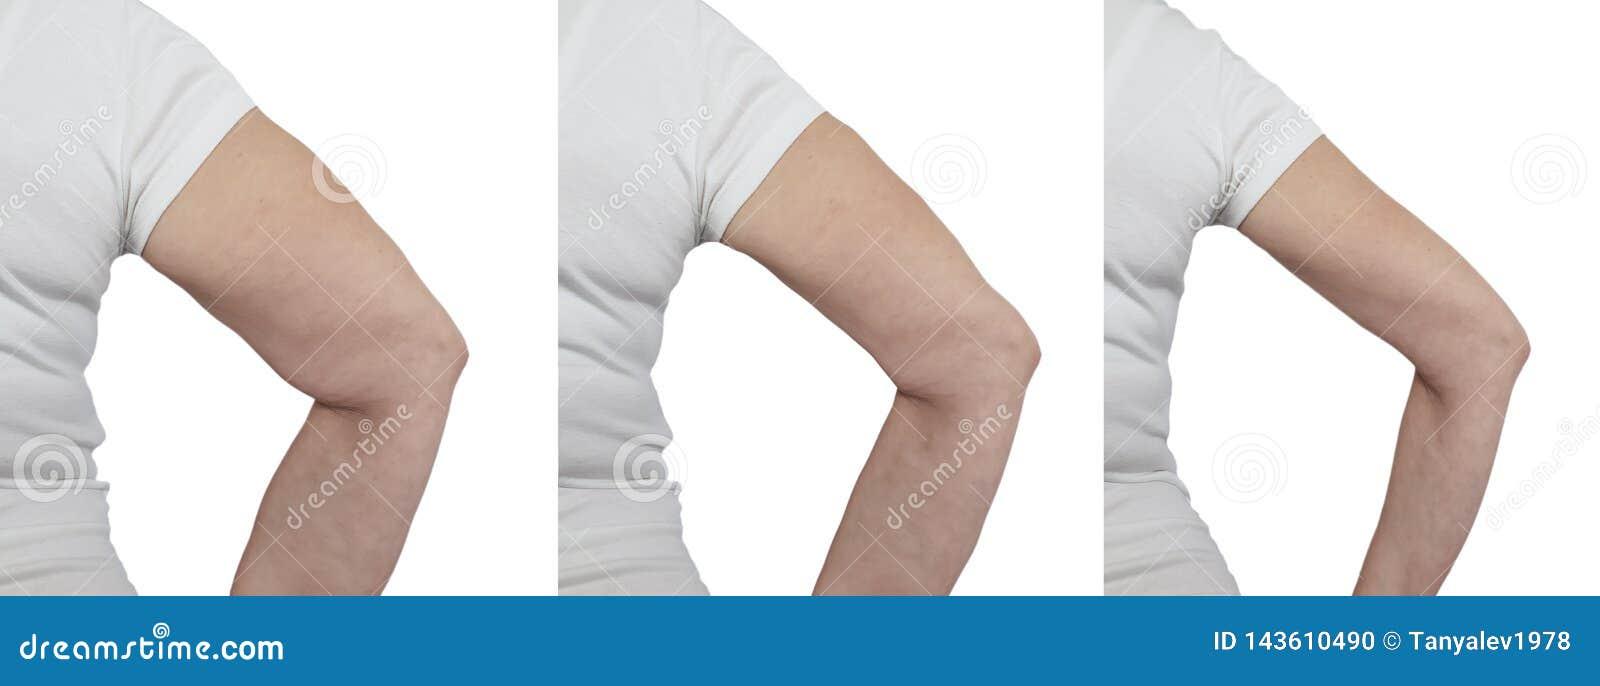 perte de poids dans les bras avant et après perte de poids t1dm